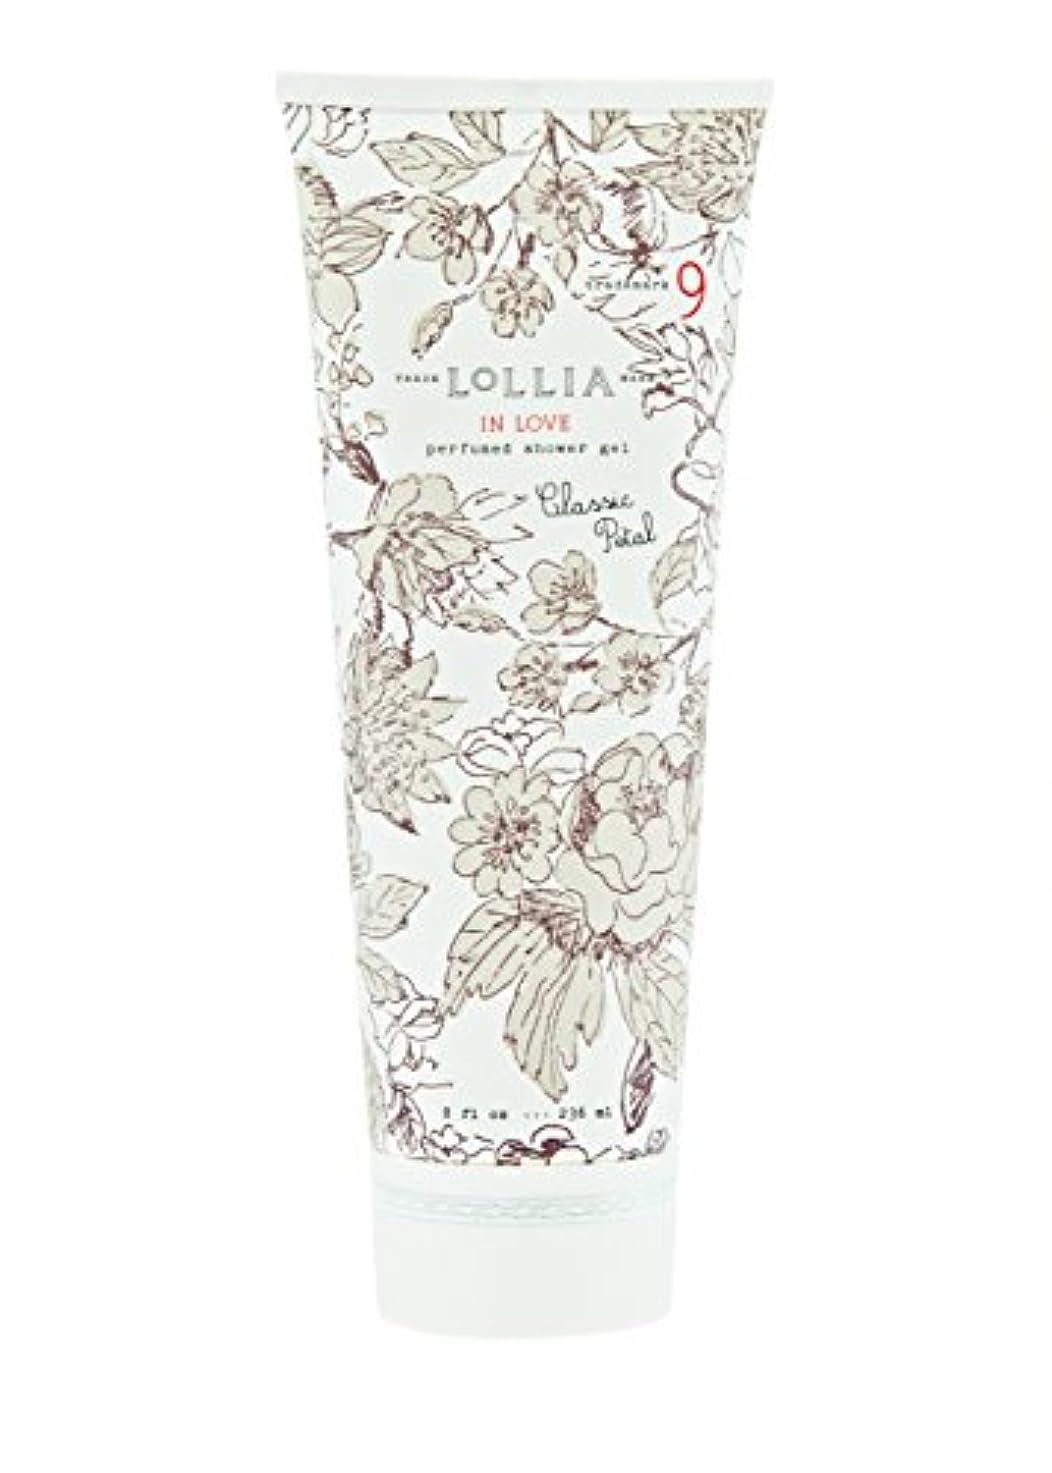 パースパトロン広告主ロリア(LoLLIA) パフュームドシャワージェル InLove 236ml(全身用洗浄料 ボディーソープ アップルブロッサム、ジャスミン、ローズのフルーティで爽やかな香り)